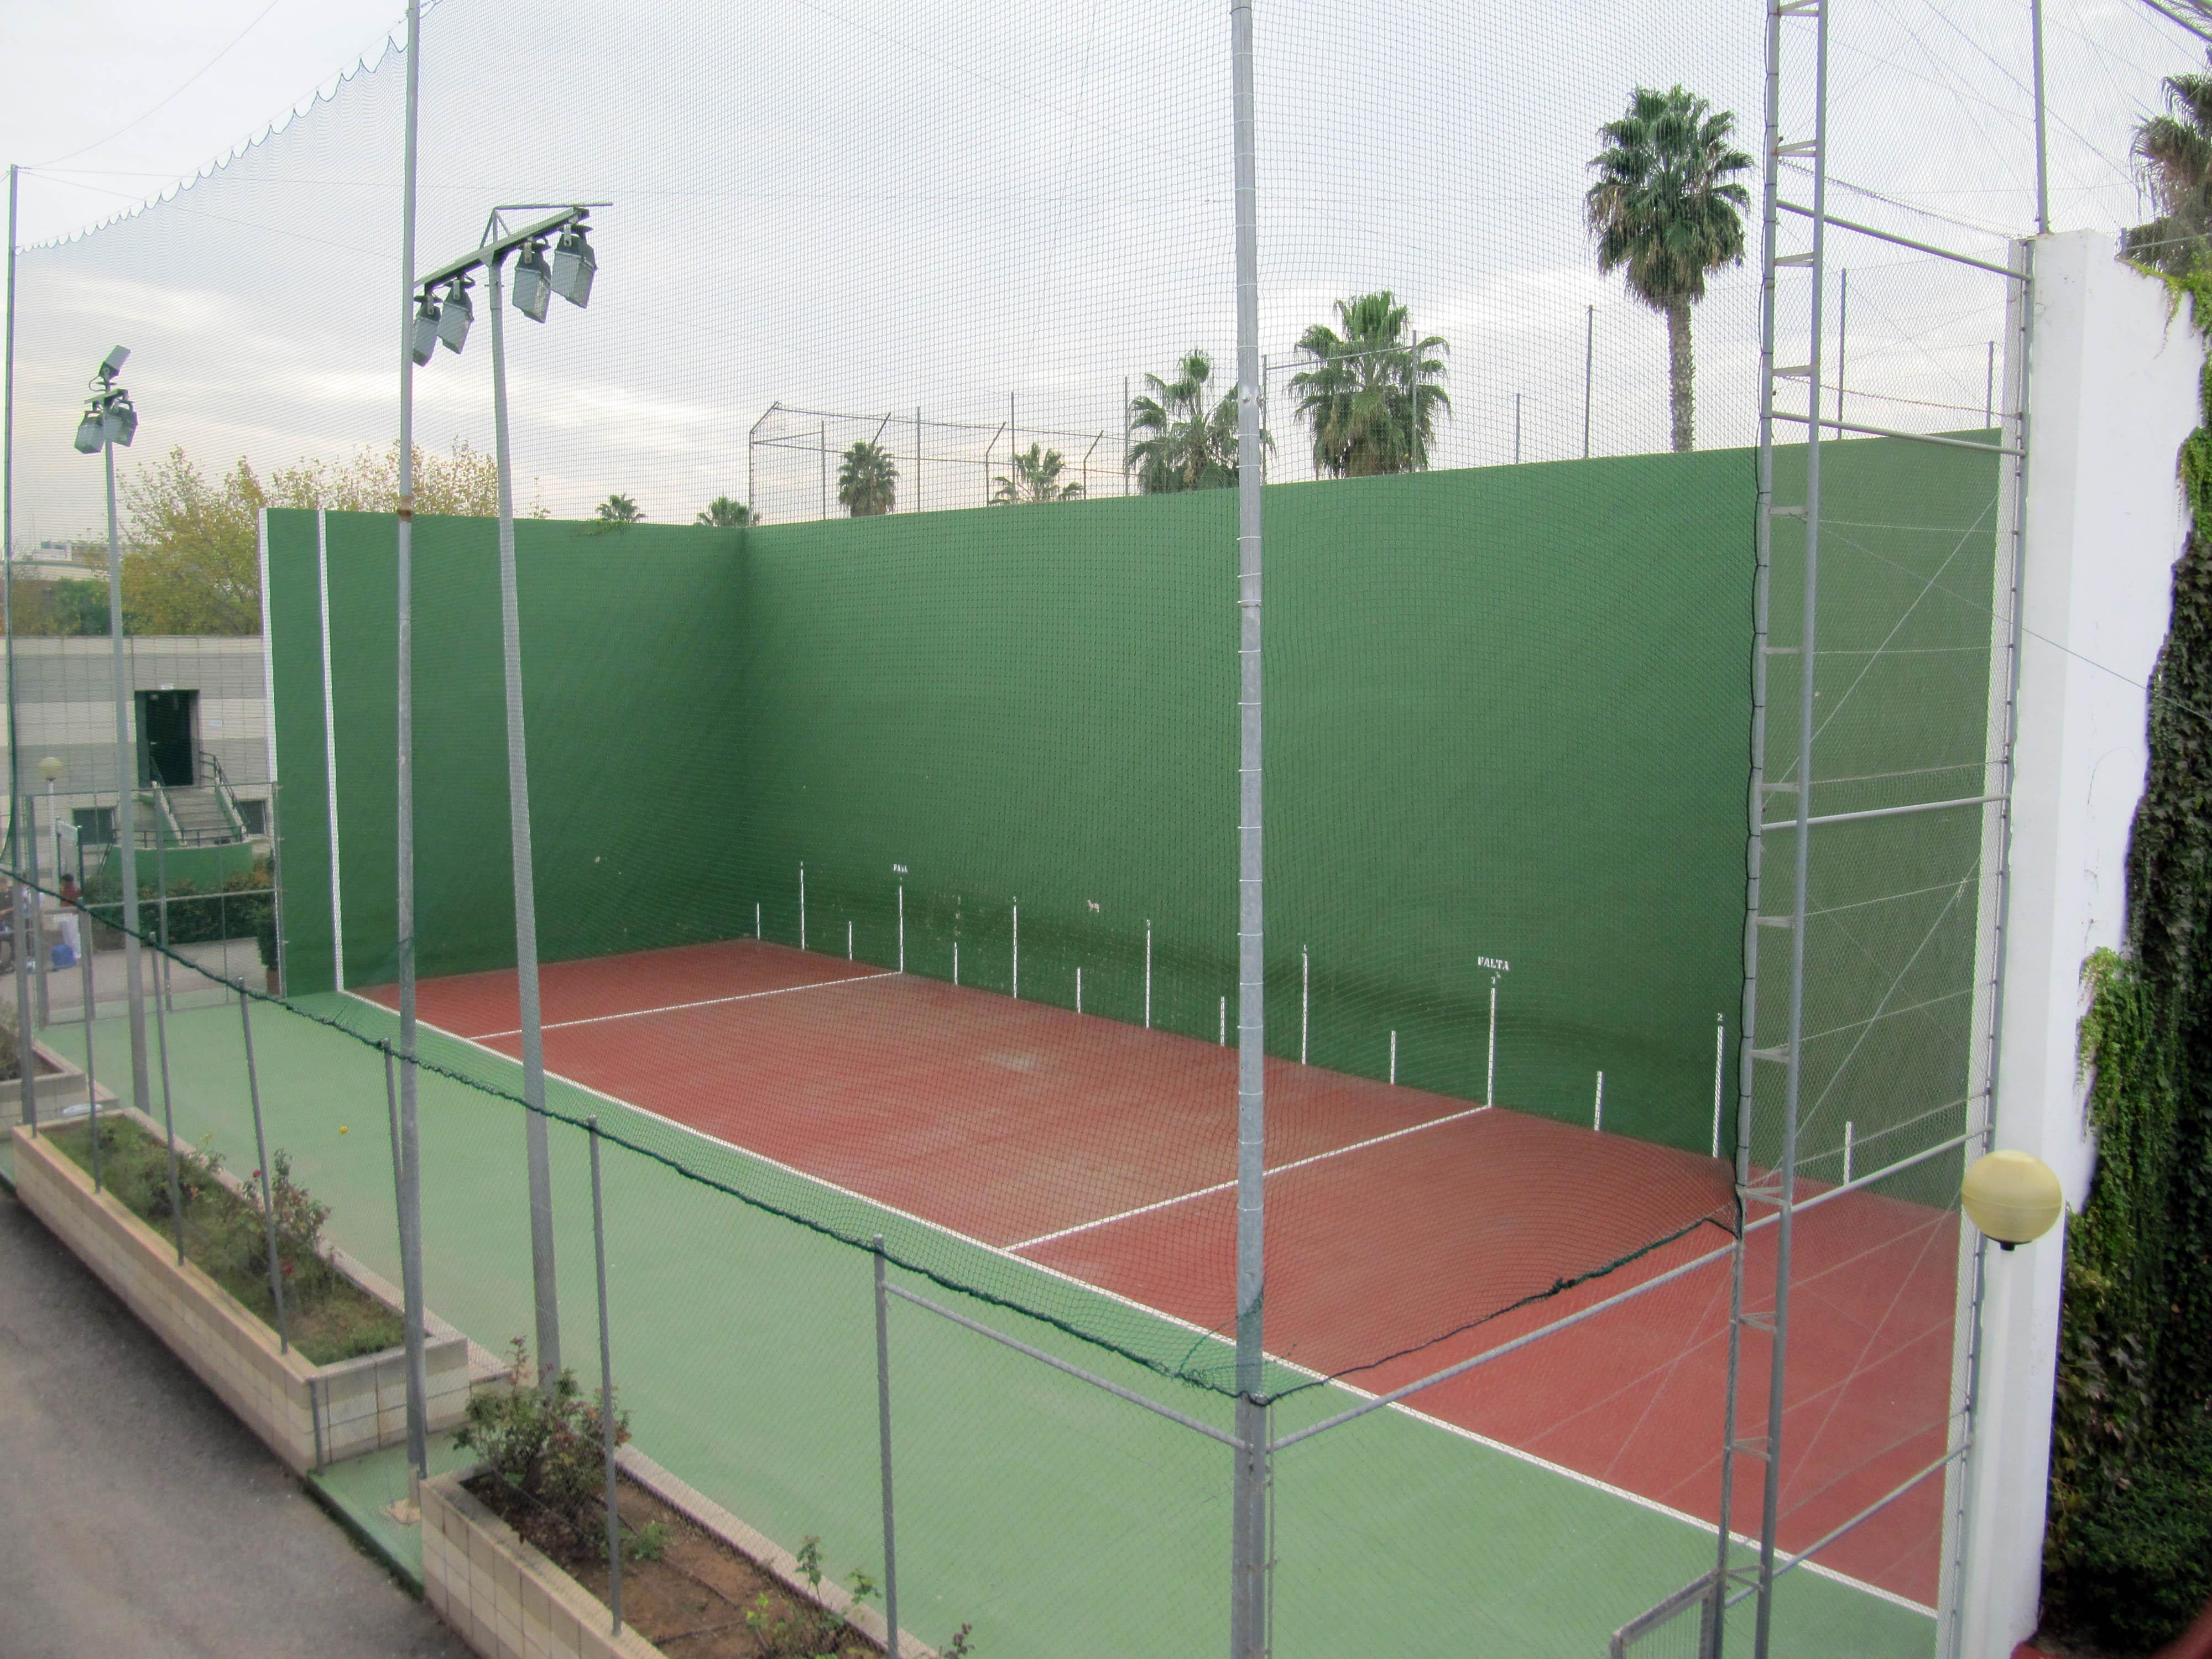 Fotos de jogadoras de tenis